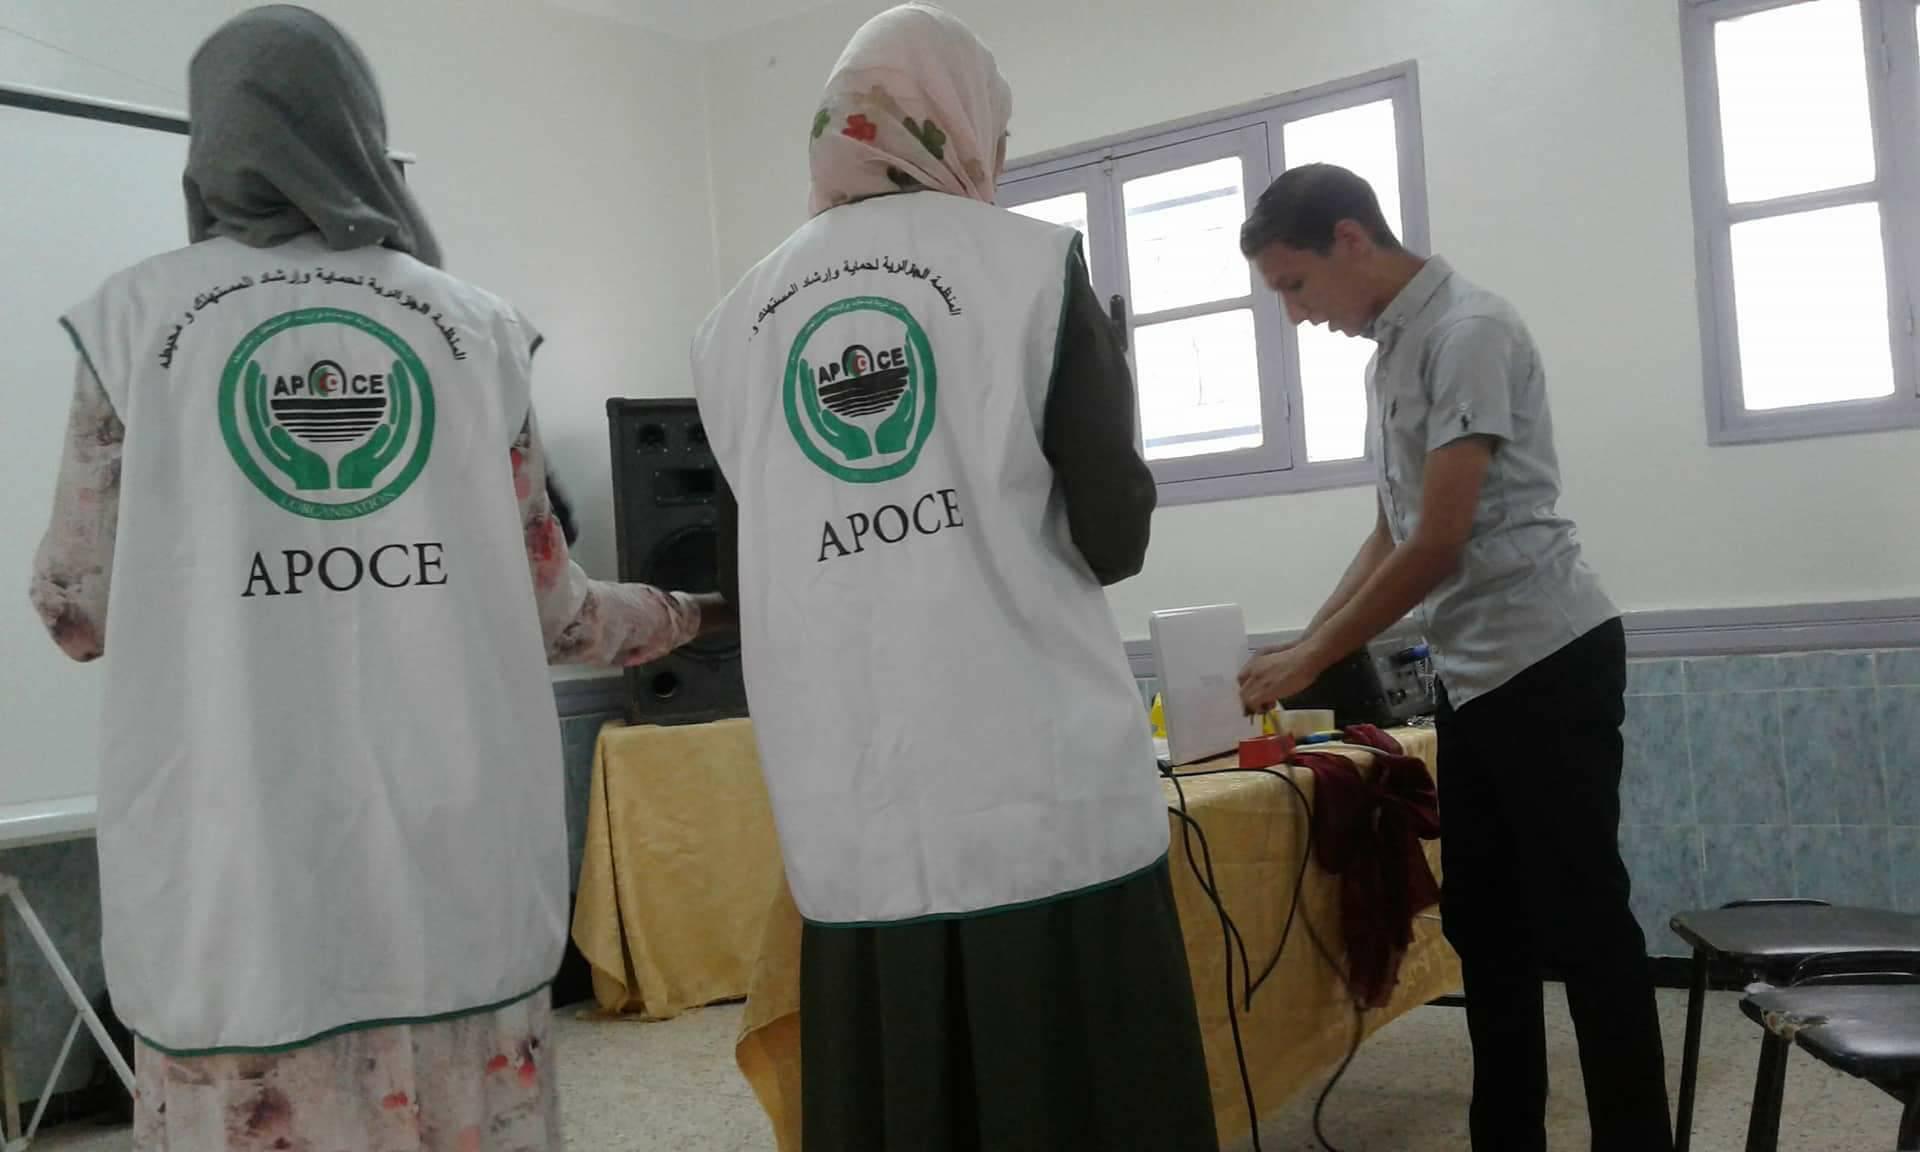 امسية تحسيسية نسوية بخصوص الاقتصاد المنزلي  - المنظمة الجزائرية لحماية و ارشاد المستهلك و محيطه